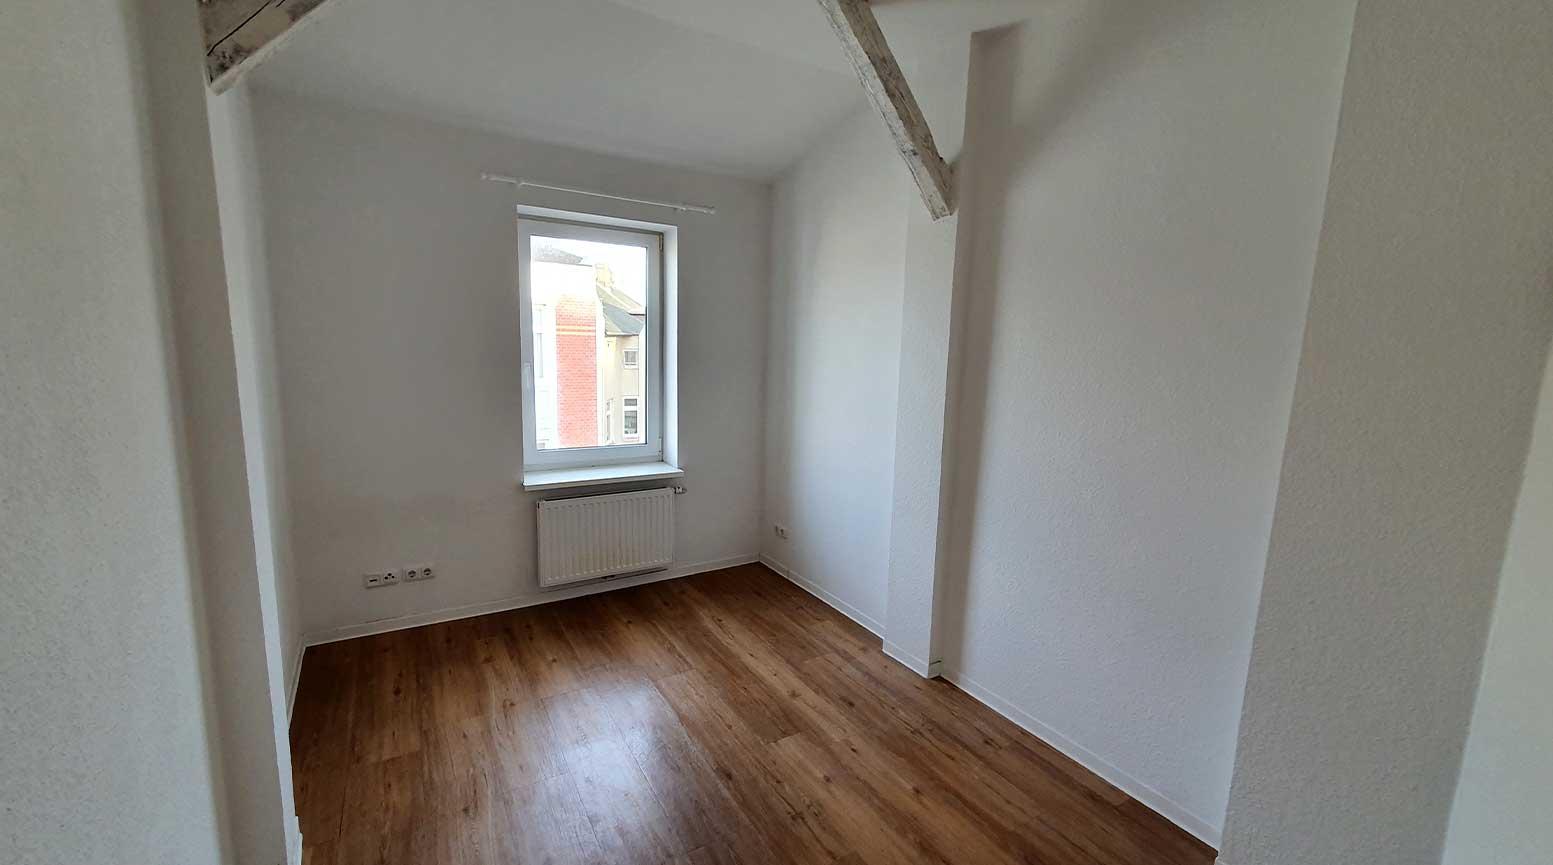 Wohnung 9 WG-Zimmer 2 Meyerstraße 16